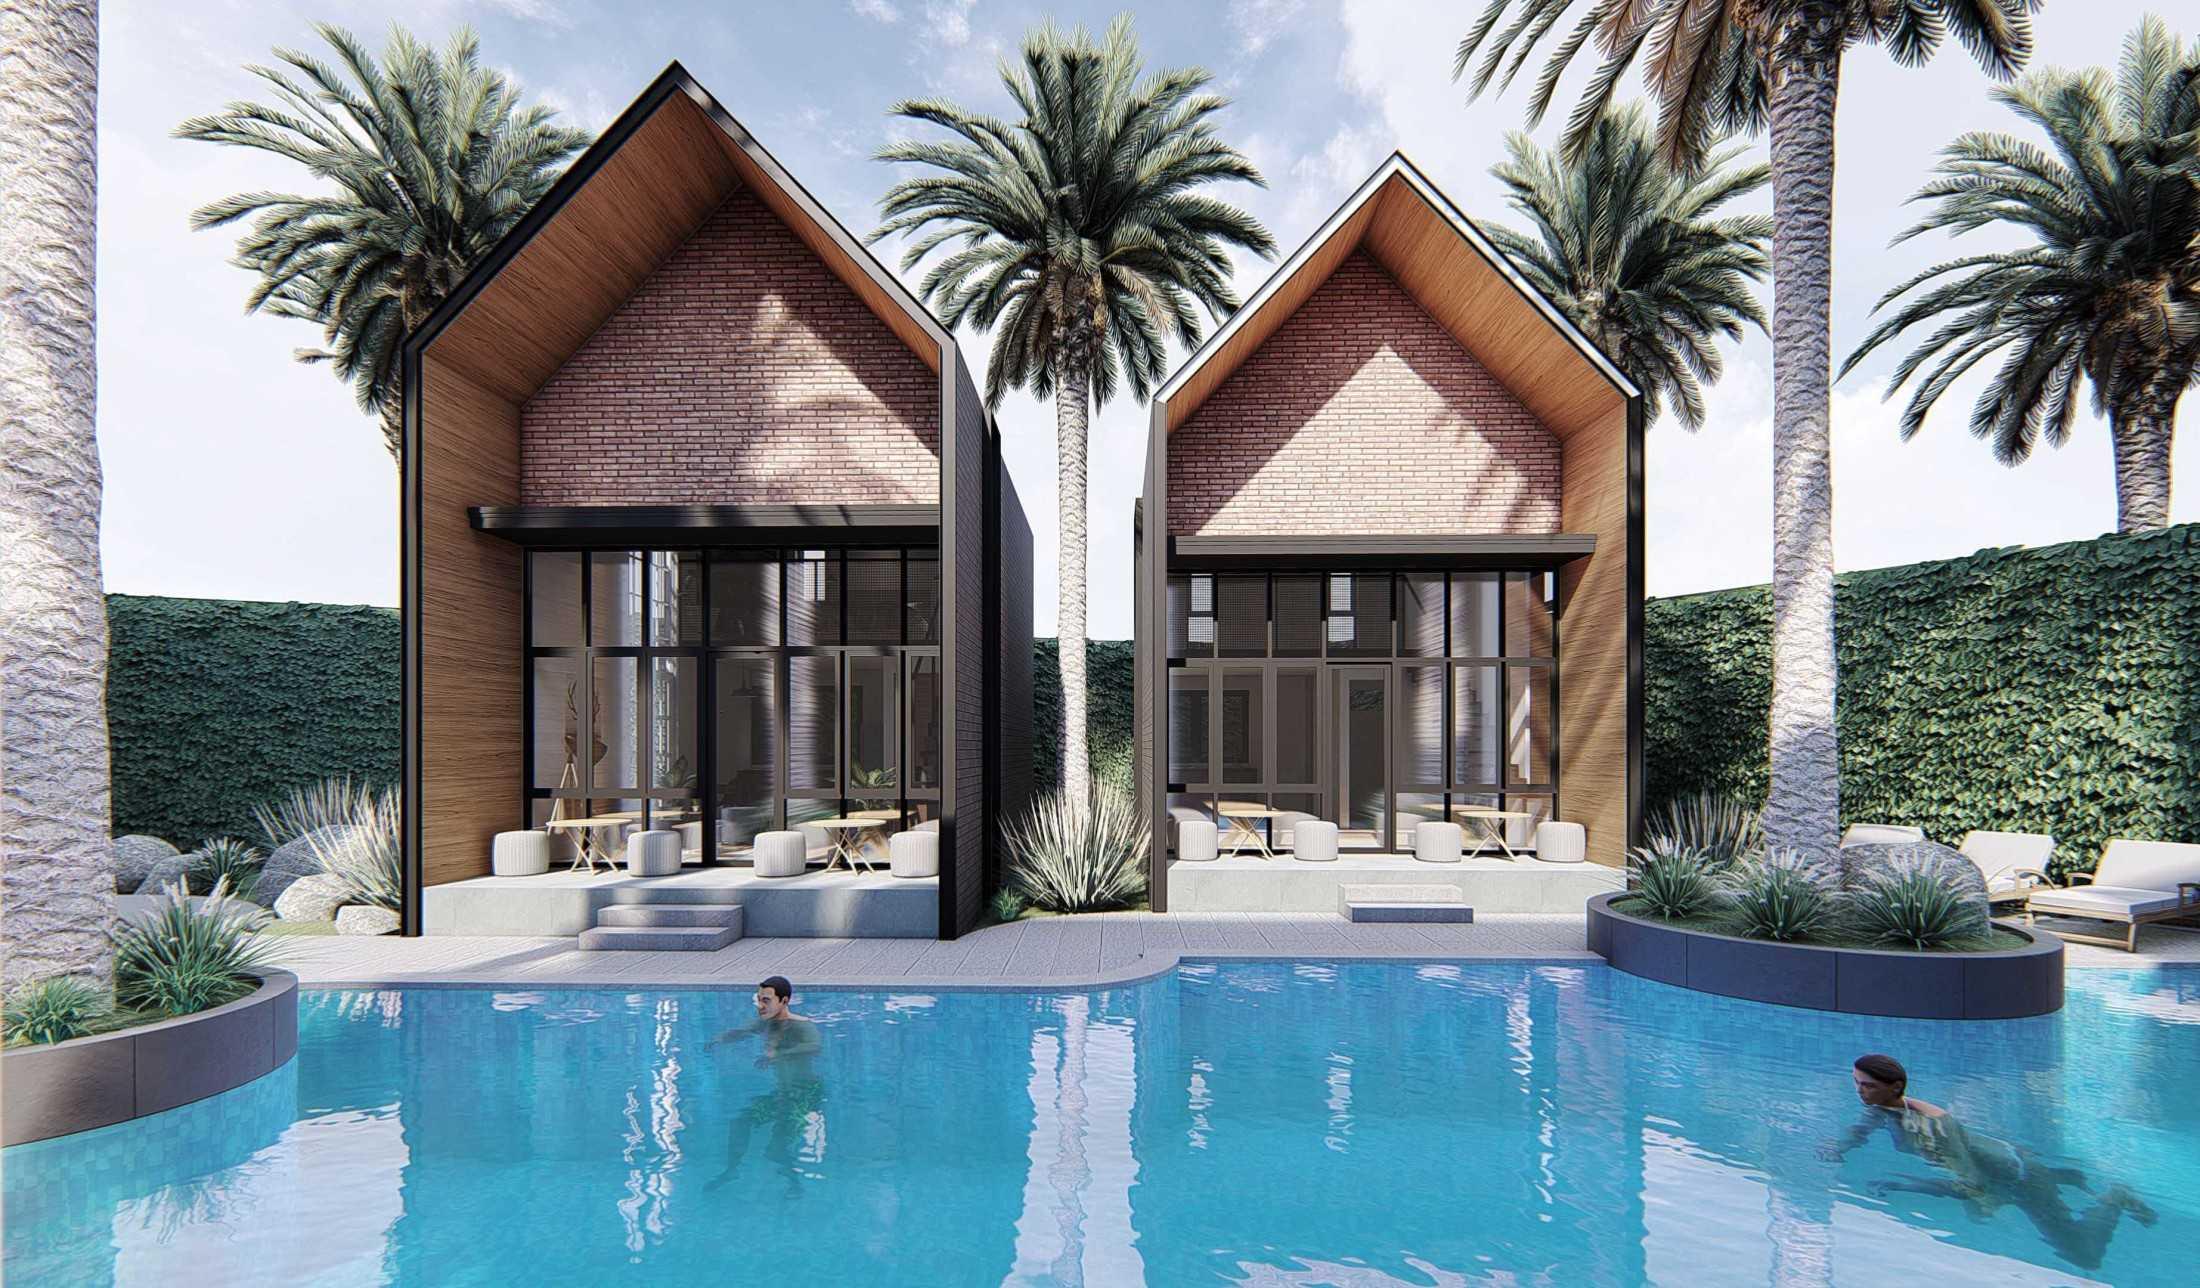 Foto inspirasi ide desain kolam industrial Tipe 1 br oleh MahaStudio & Partner di Arsitag